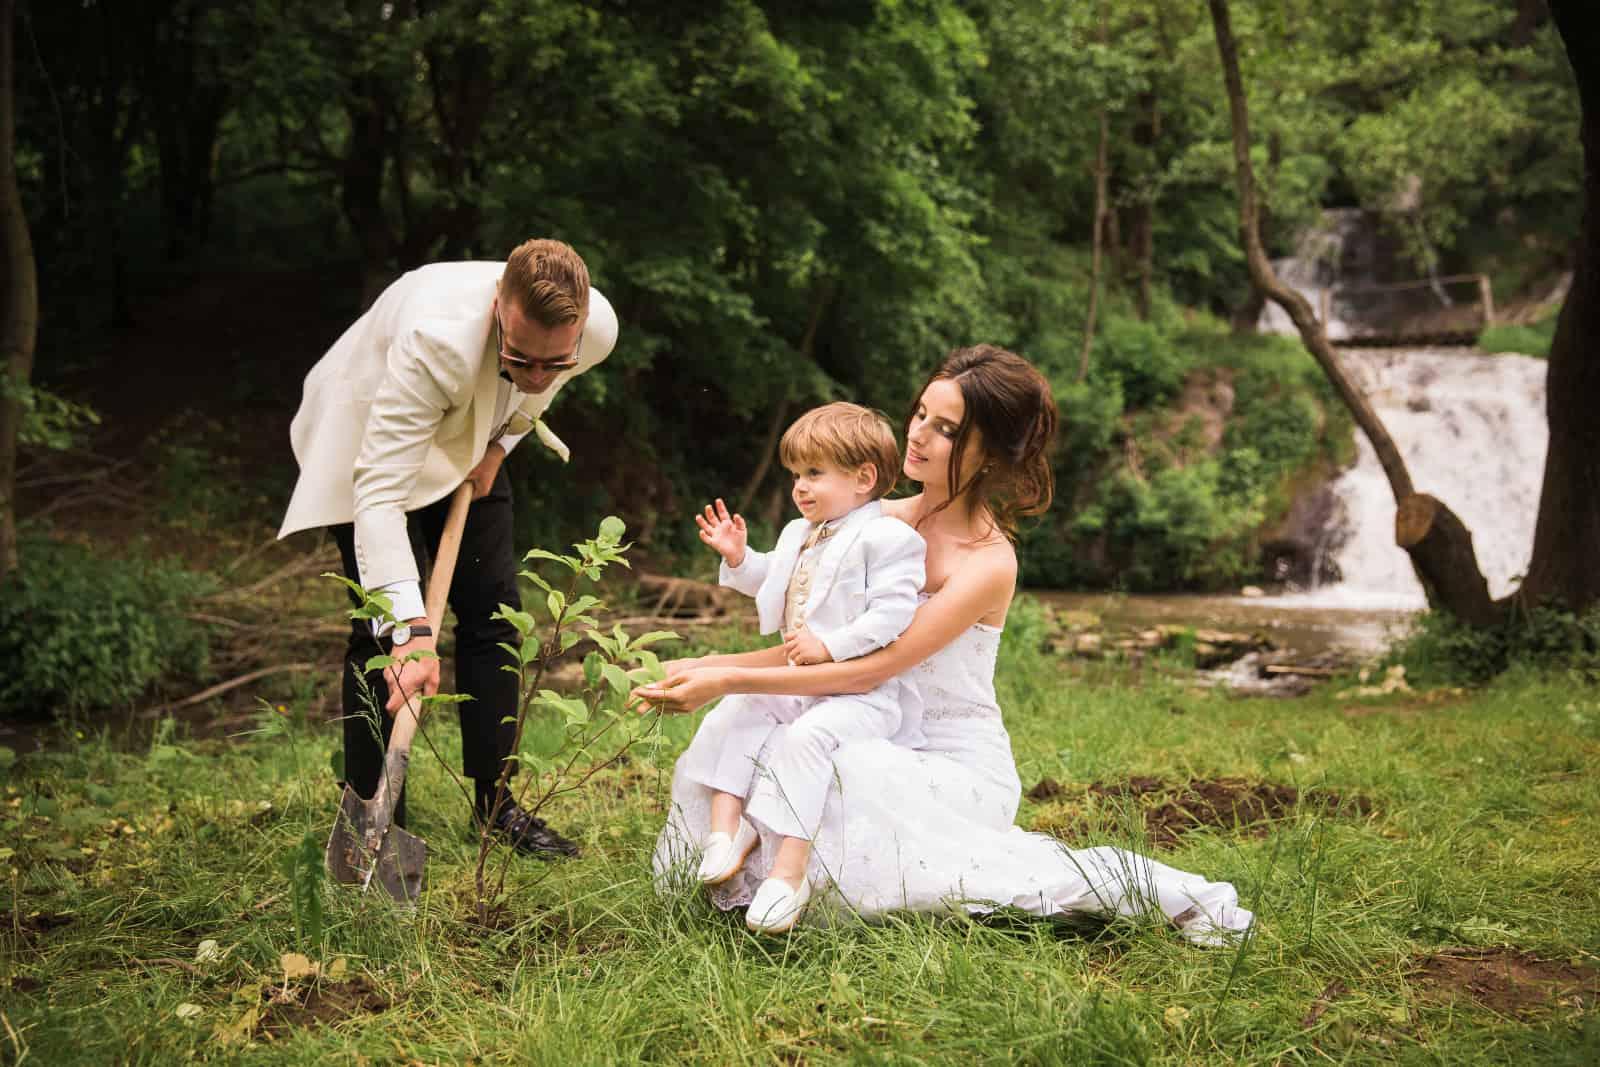 Das Brautpaar hat Spaß mit einem kleinen Jungen